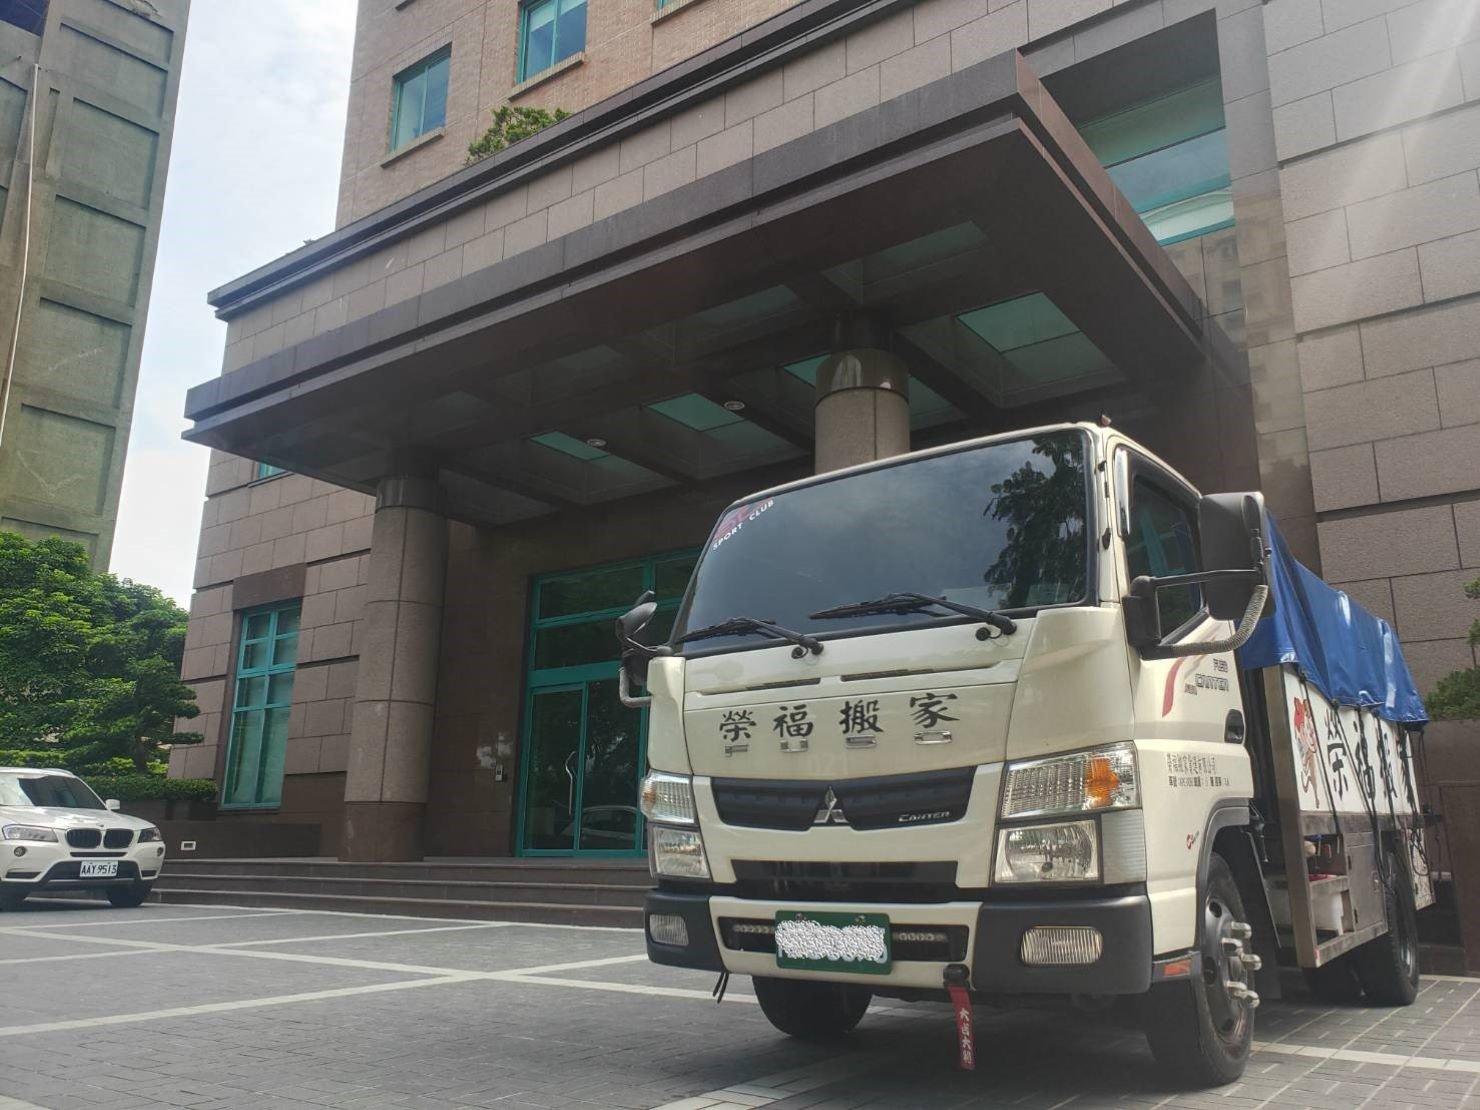 專搬鋼琴【榮福搬家公司】搬重物、口碑第一、台北搬家推薦:搬運貨車抵達目的地後,暫停門口臨時停車位準備下貨。